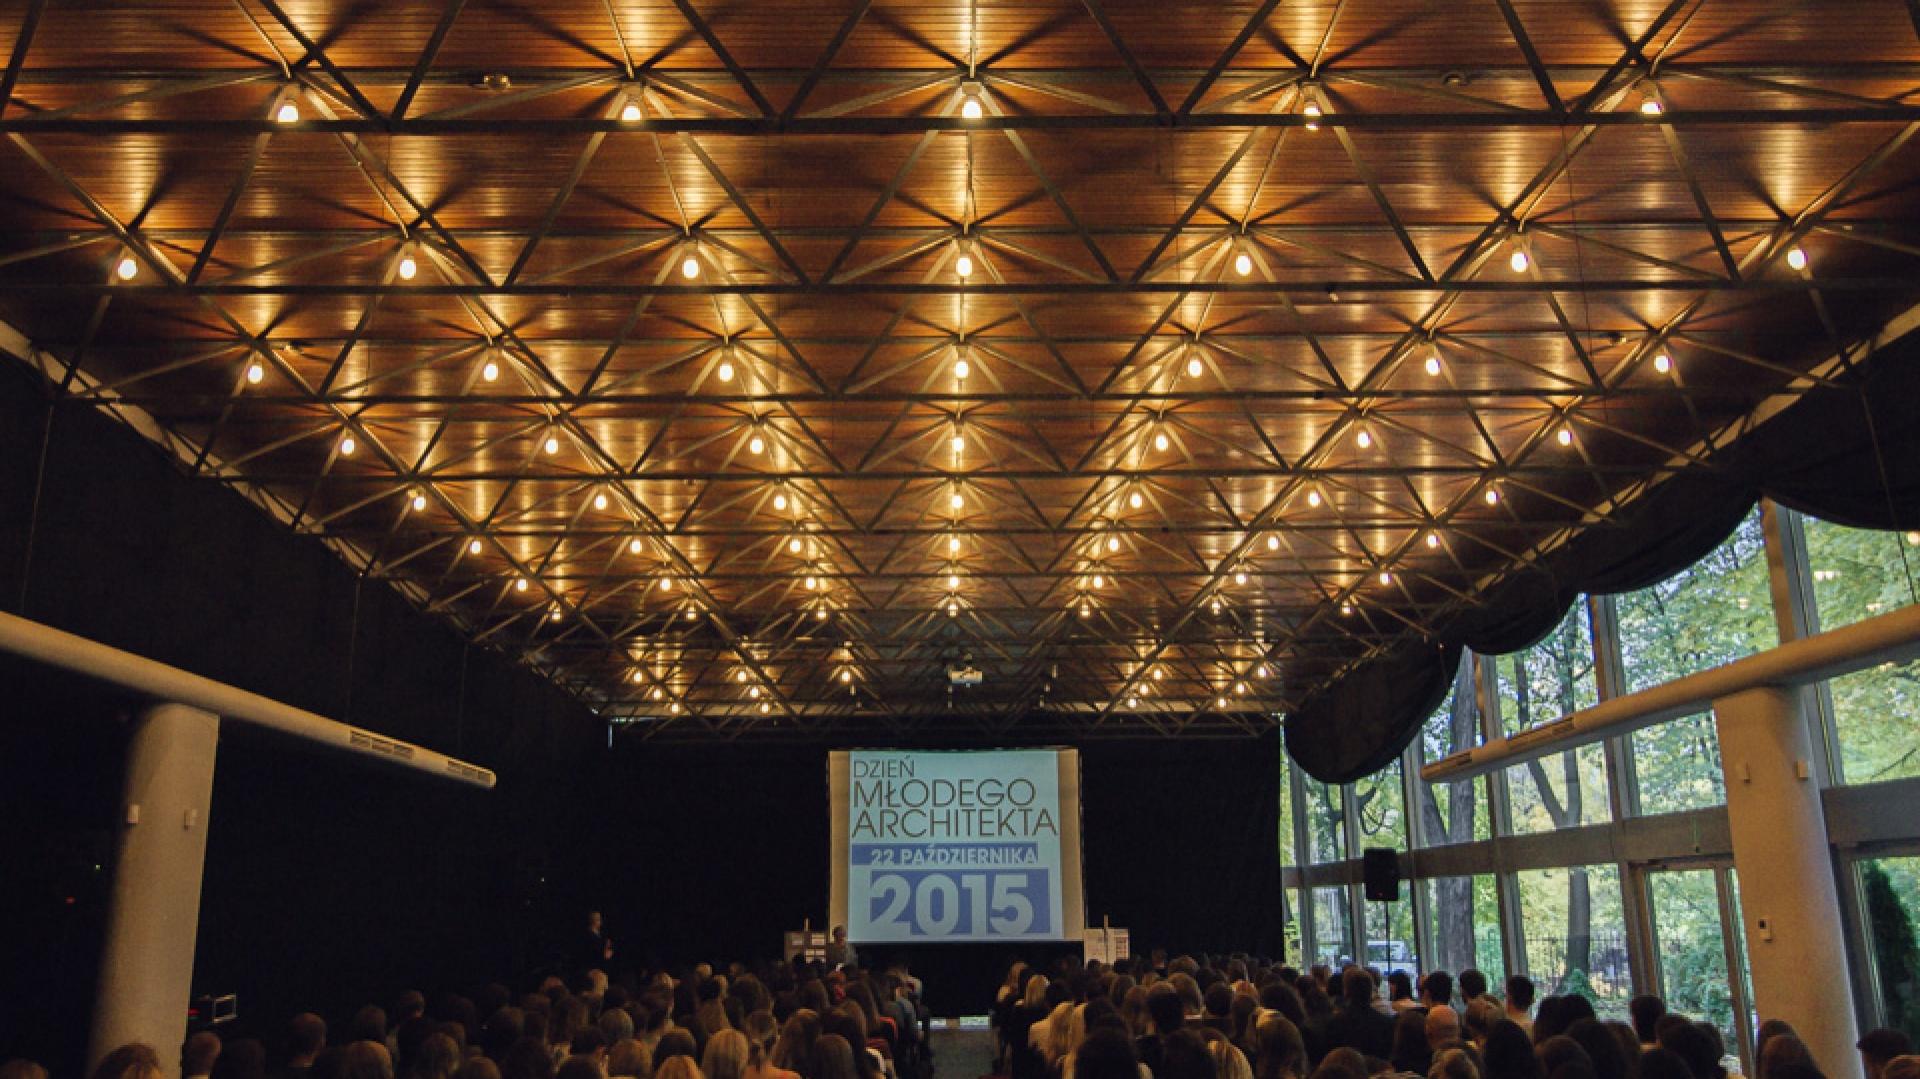 Zgłoszone projekty oceniać będą wybitni polscy architekci przy wsparciu organizatora oraz przedstawicieli wiodących marek budowlanych w Polsce. Fot. Materiały prasowe Dzień Młodego Architekta